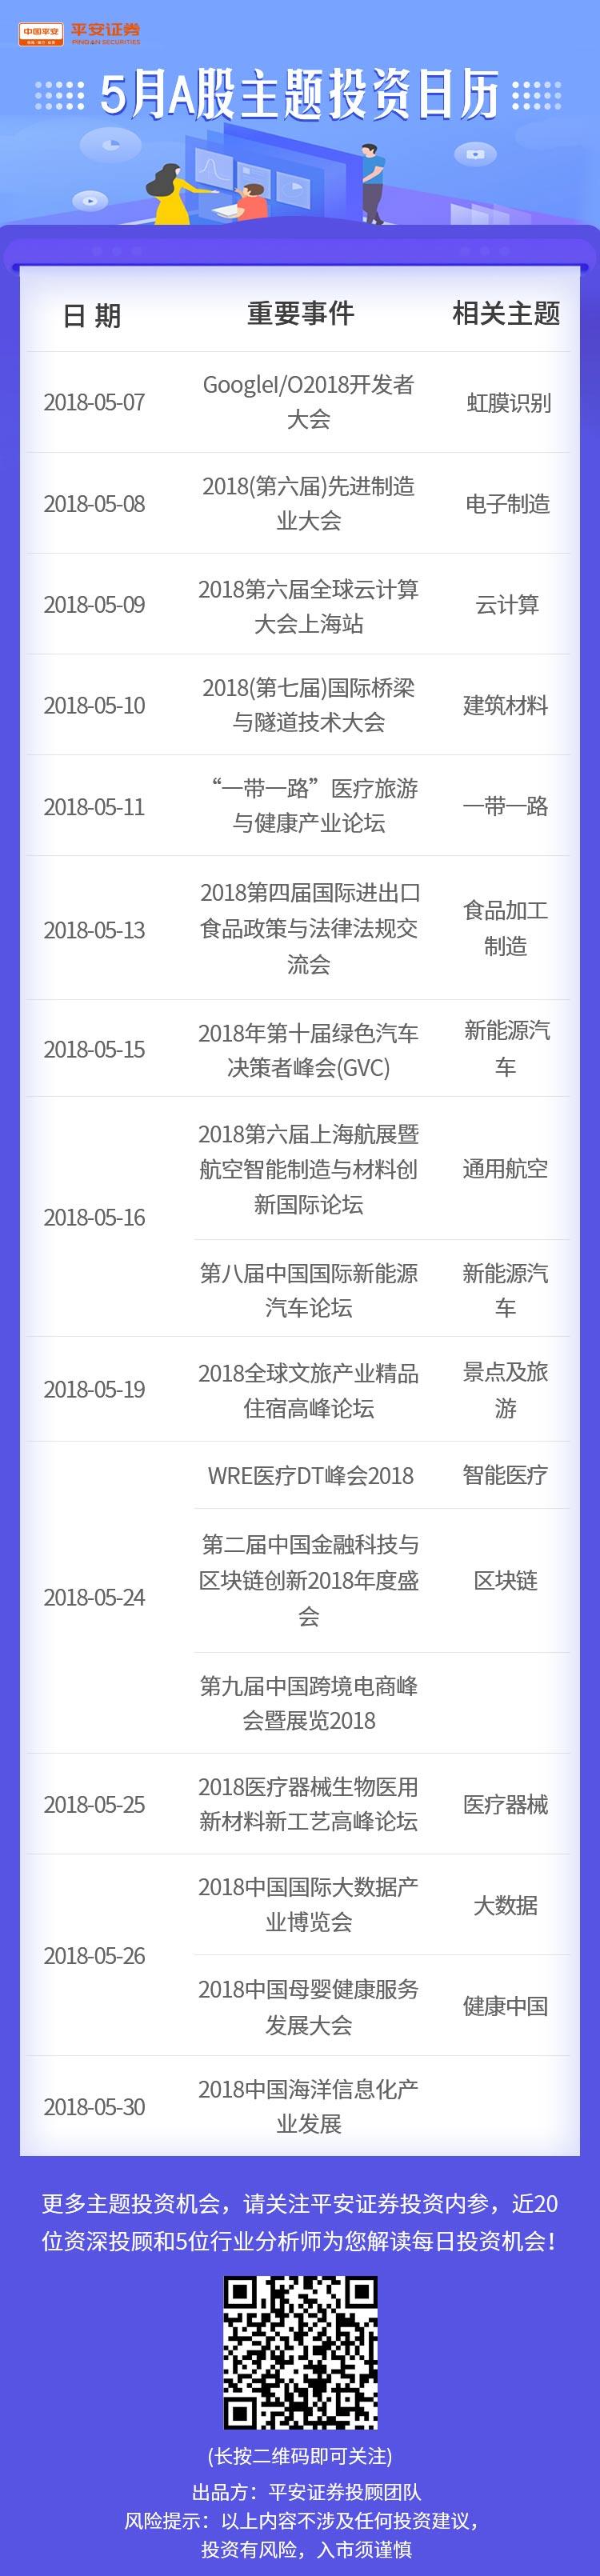 5月A股主题投资日历1.jpg